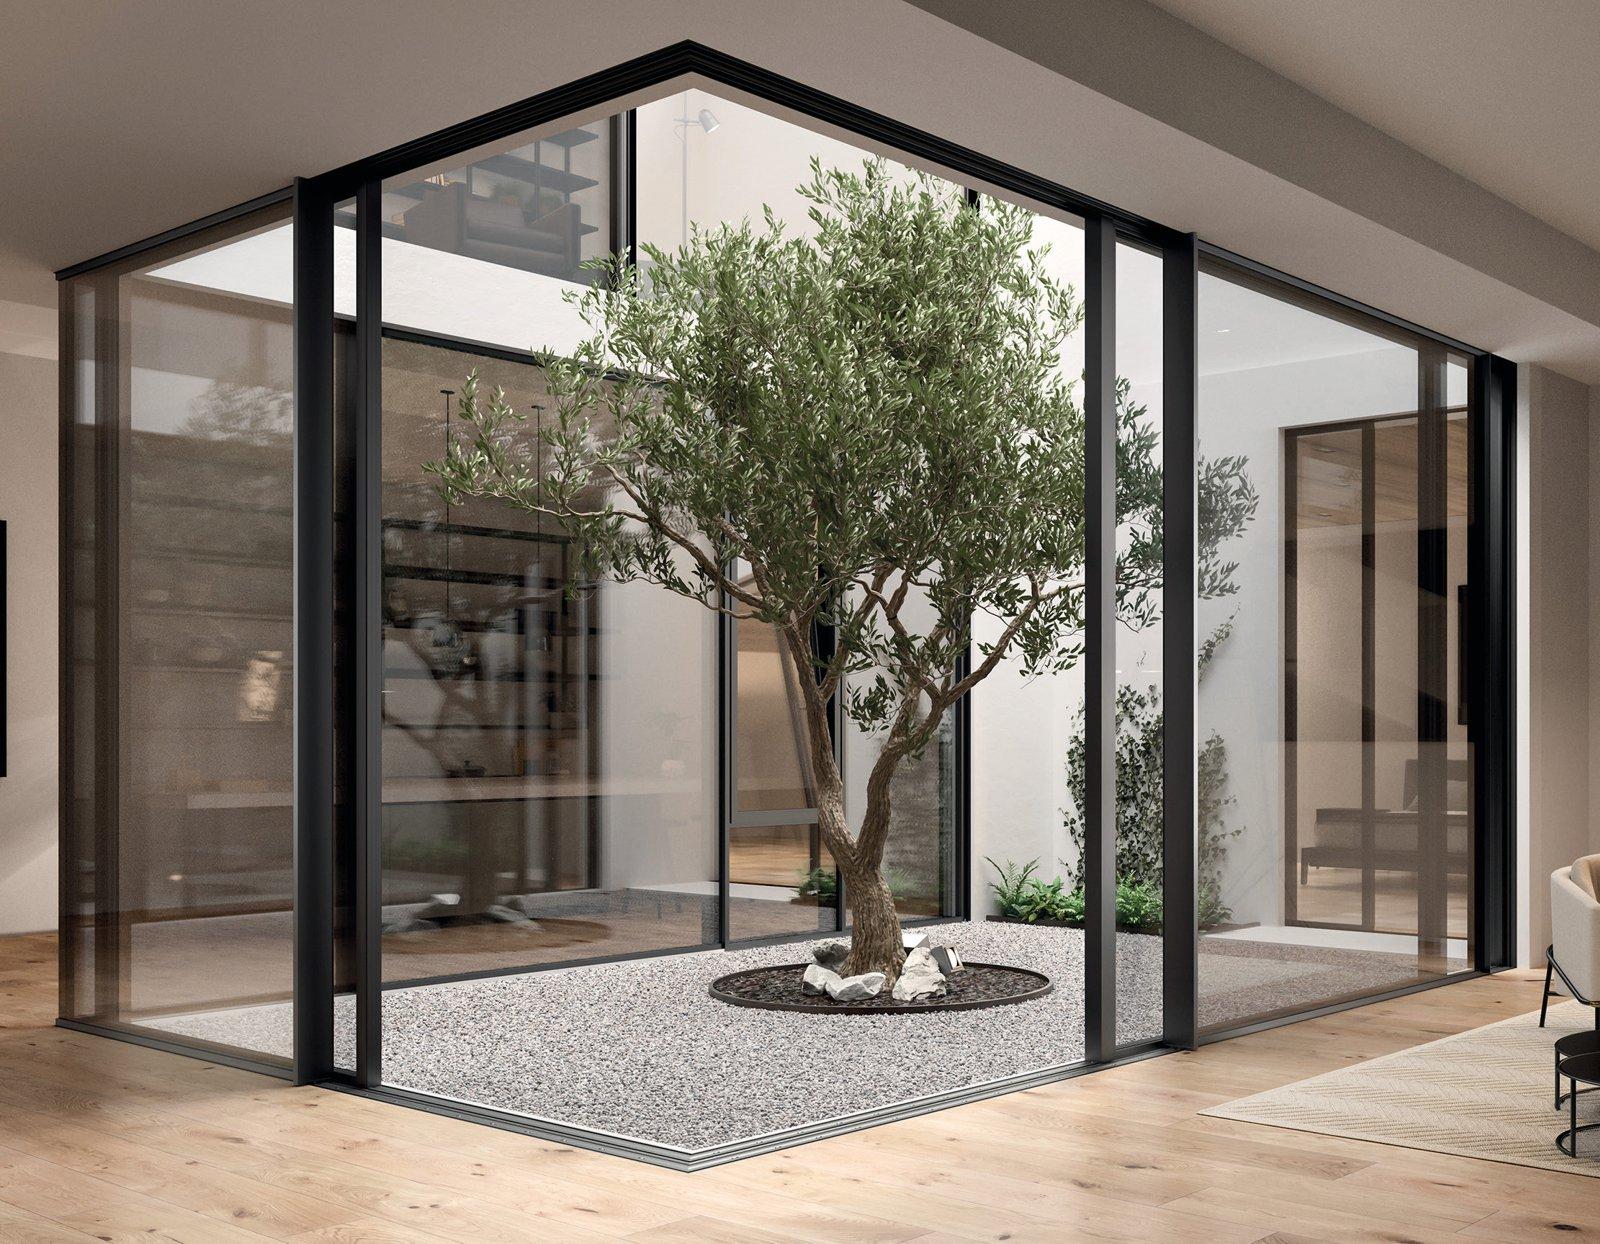 Rivista Porte E Finestre come scegliere il telaio della finestra - ville&casali